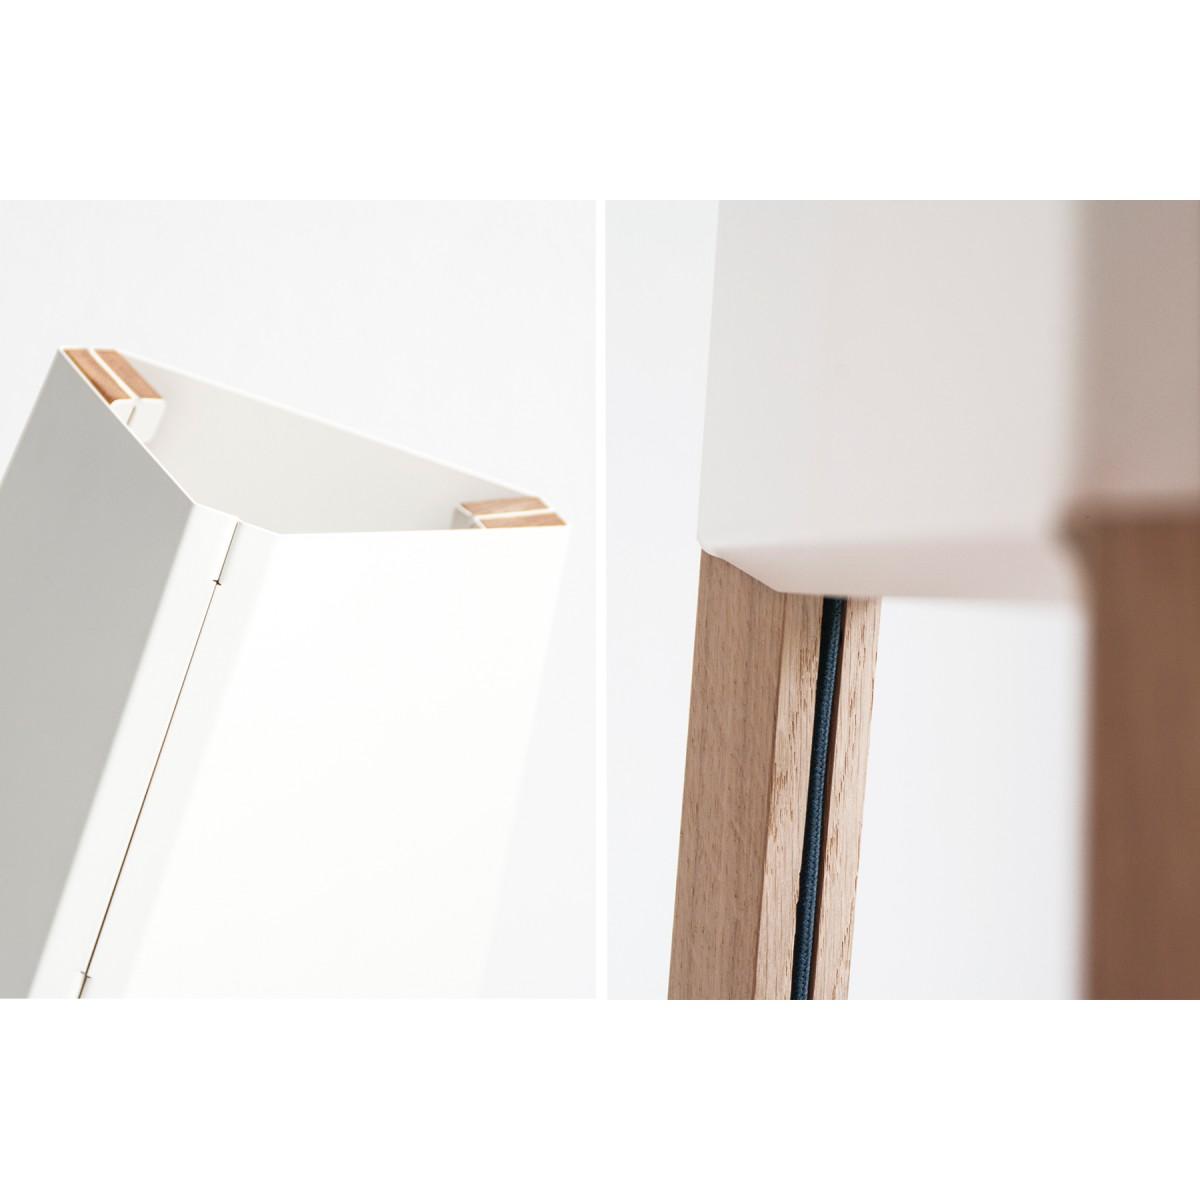 soform design Stehleuchte La3b 90 cm weiß